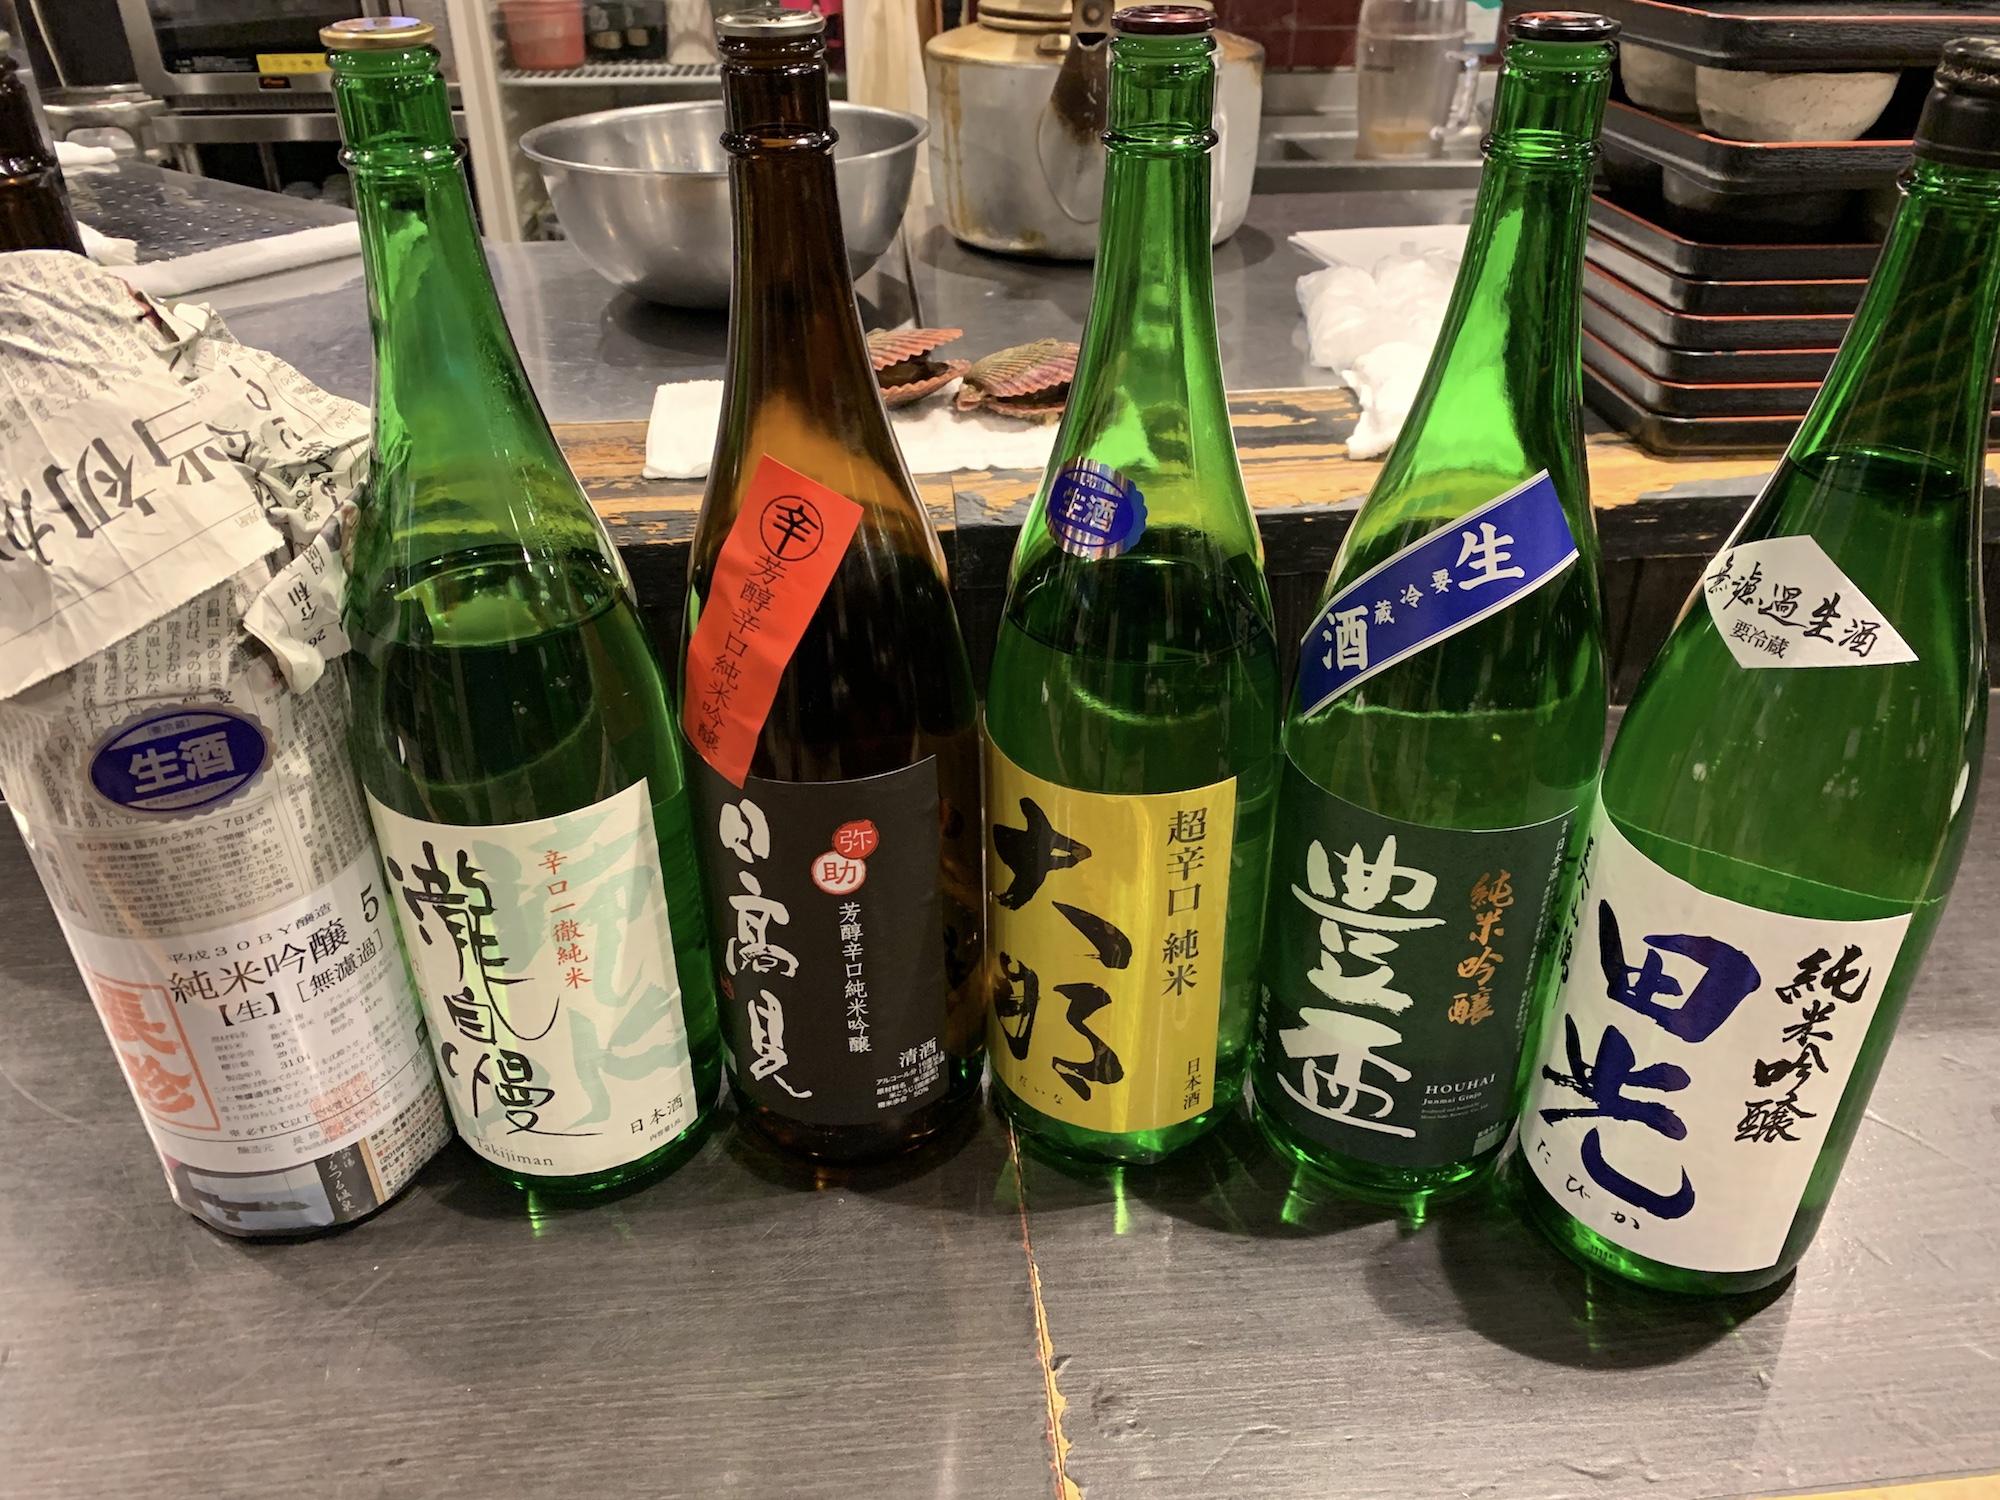 日本酒色々取り揃えてますよ!